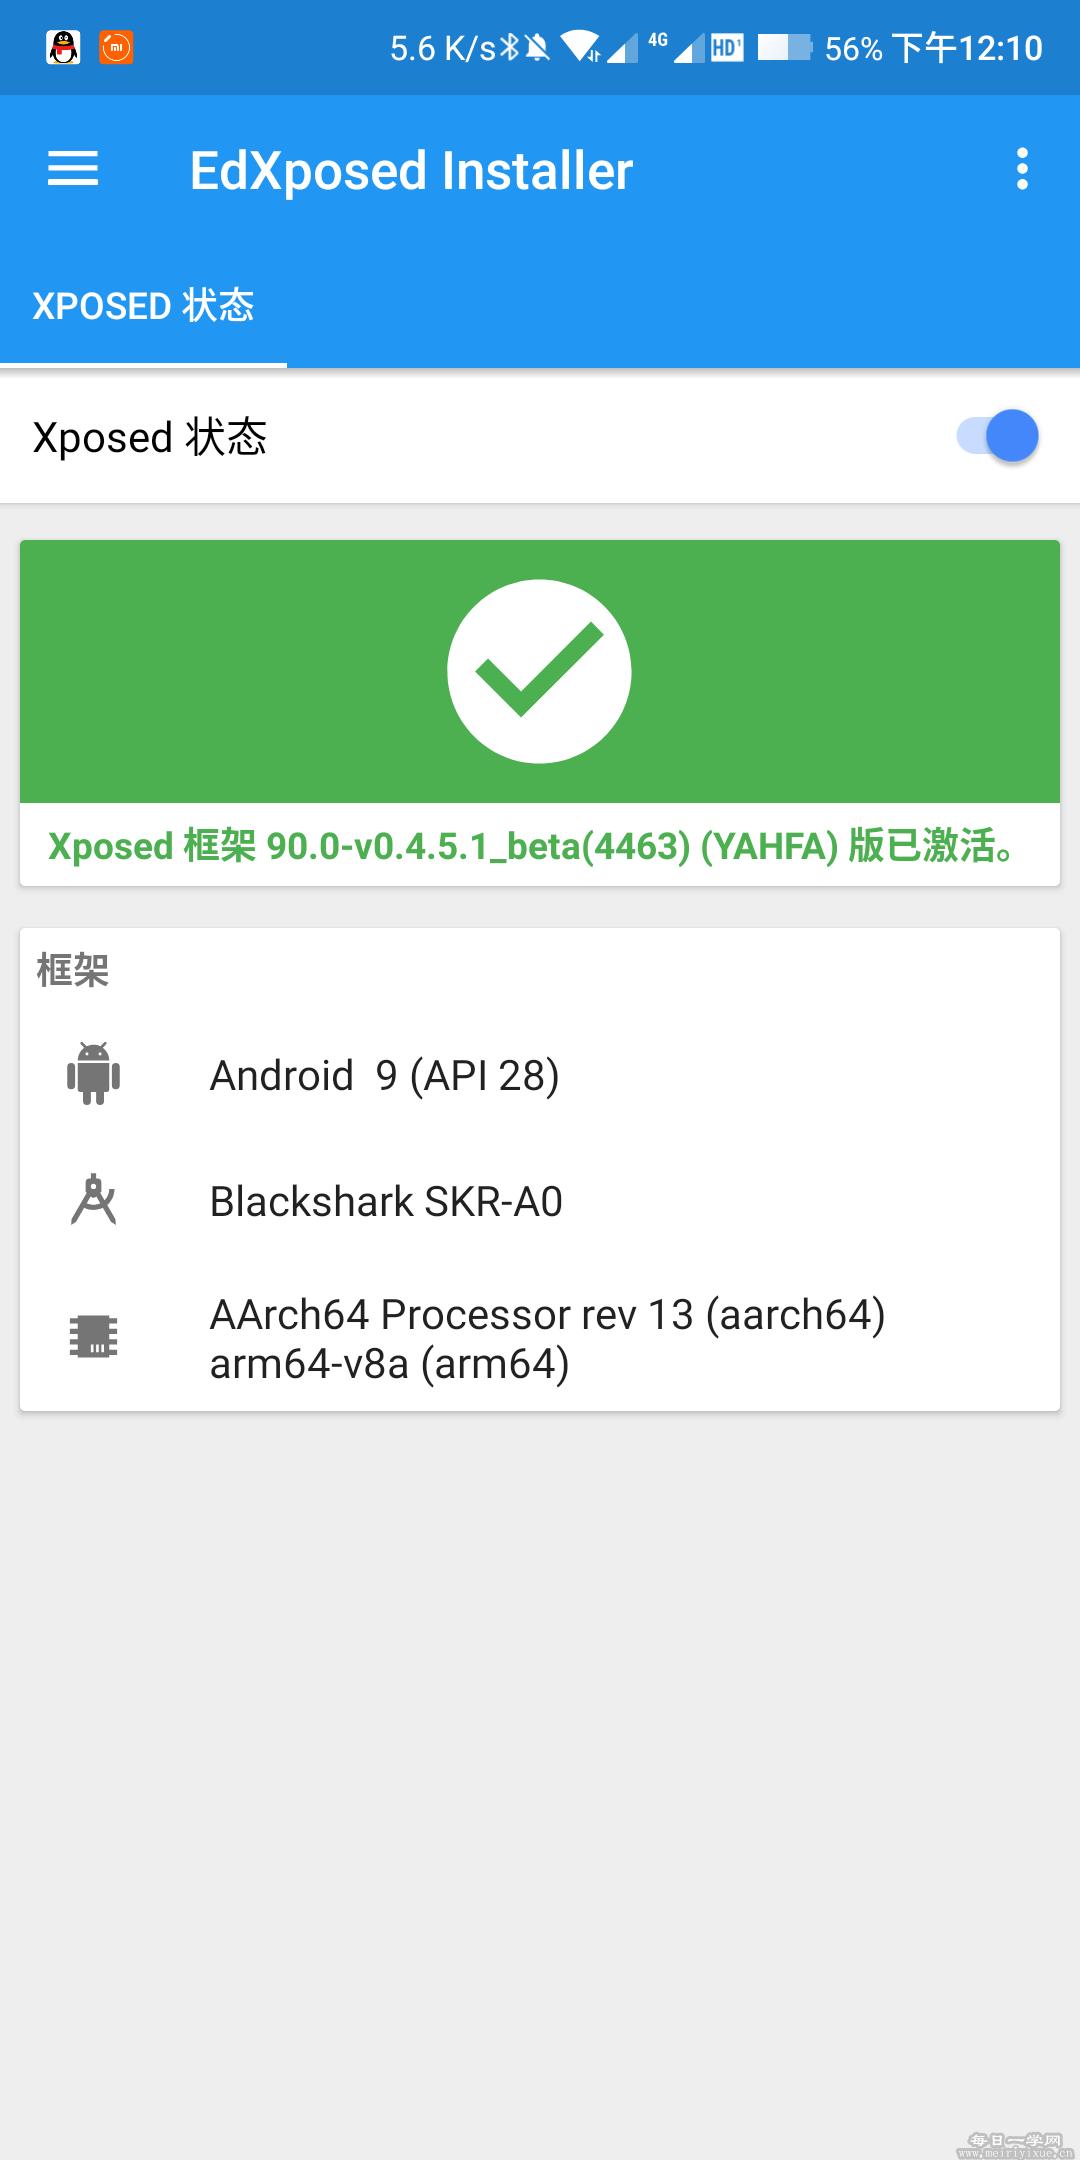 【帝九梦】EDXposed安装教程 手机应用 第2张